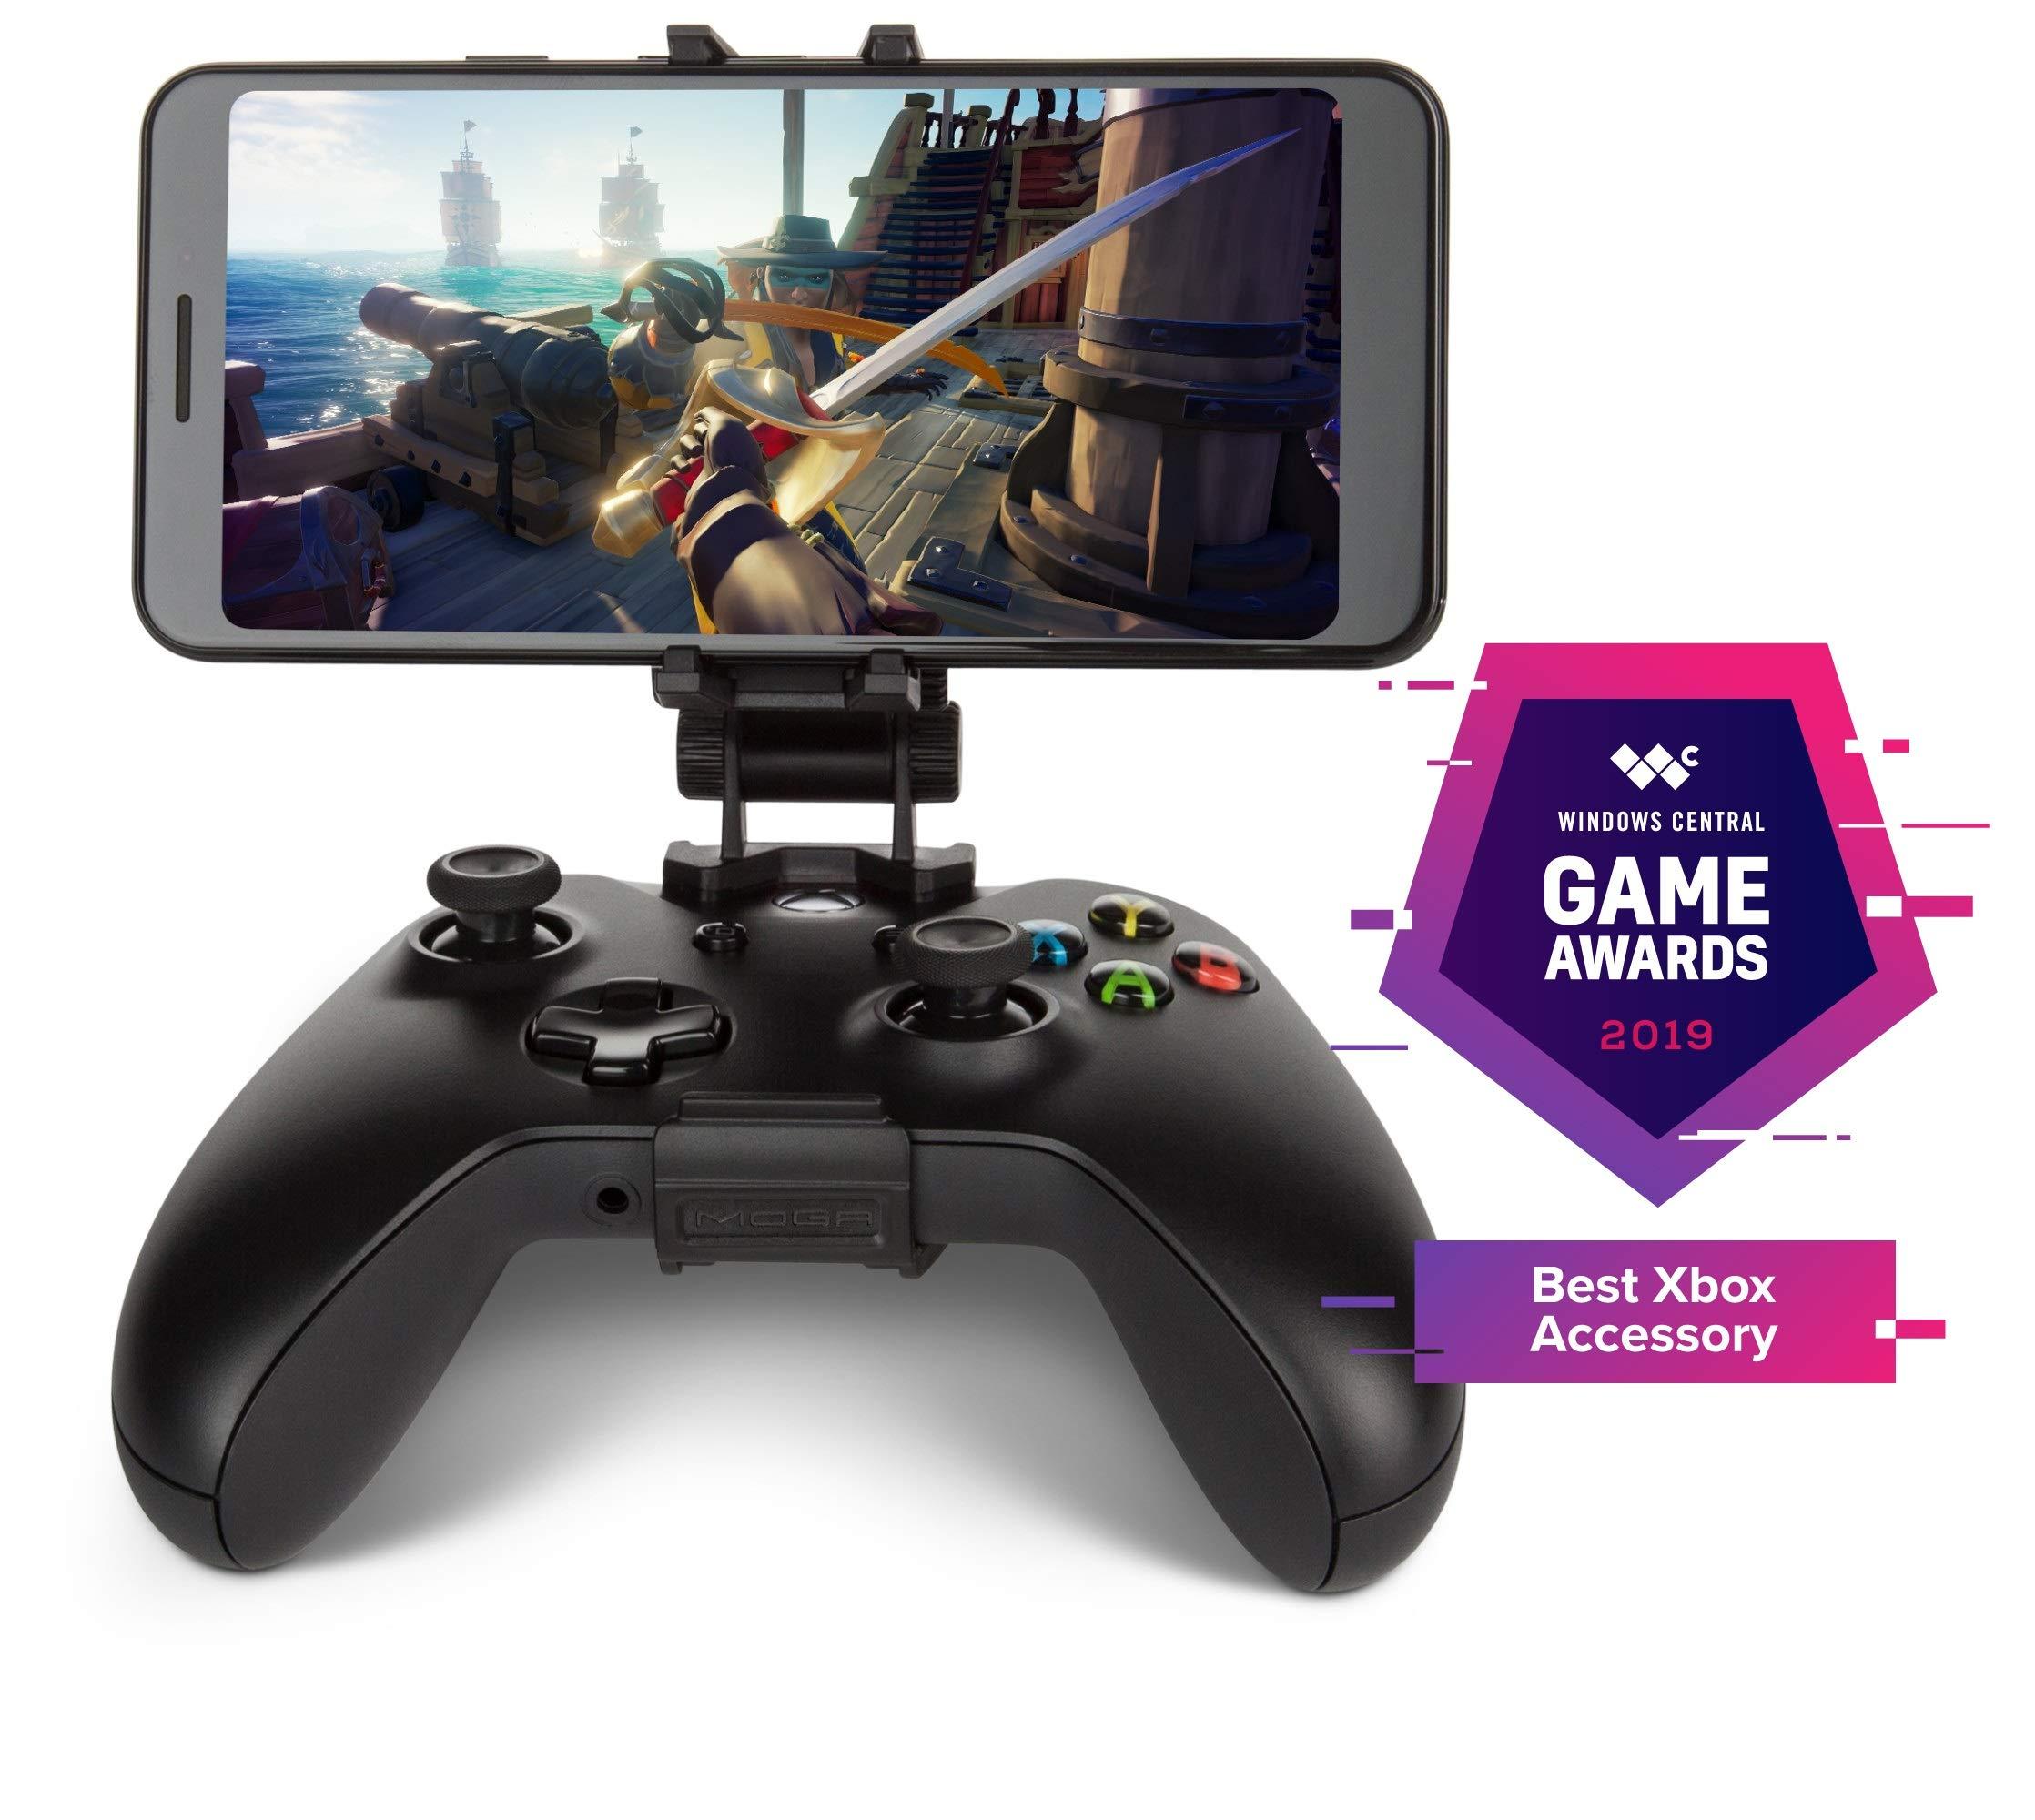 PowerA - Soporte de juego para móvil Moga para mandos inalámbricos de Xbox (Xbox One): Amazon.es: Videojuegos